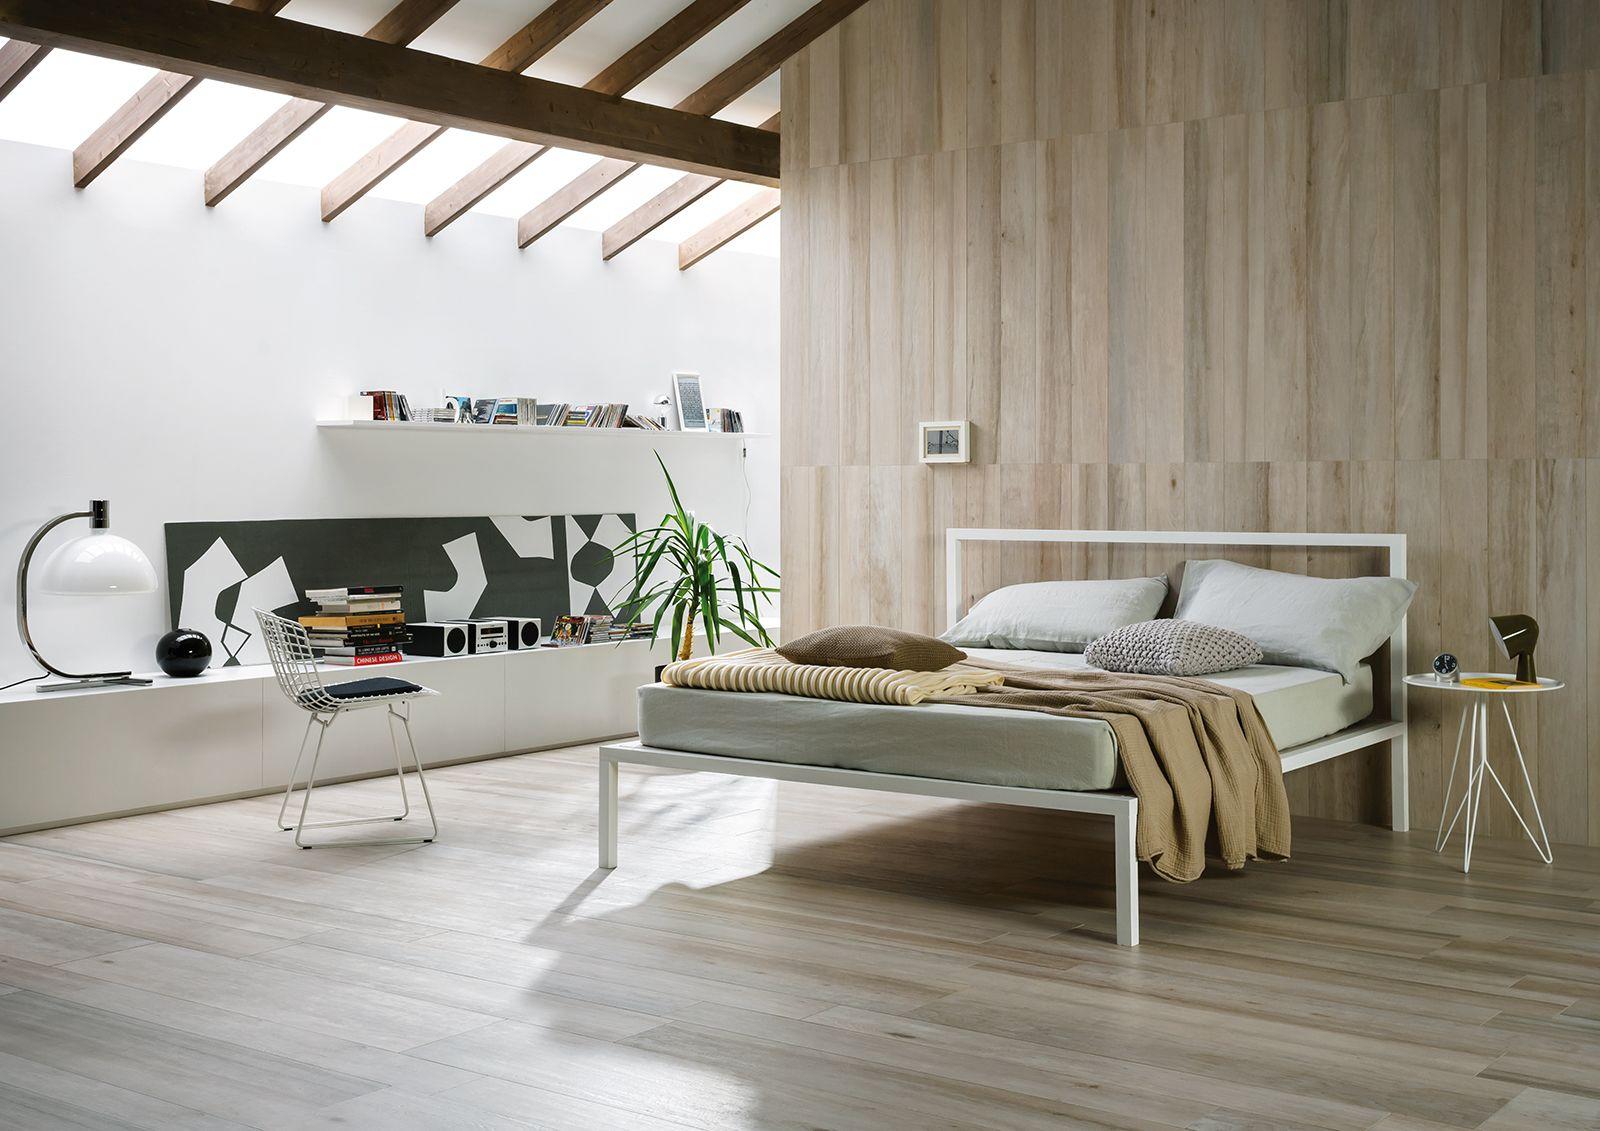 Treverkchic - Gres porcellanato effetto legno | Marazzi ...